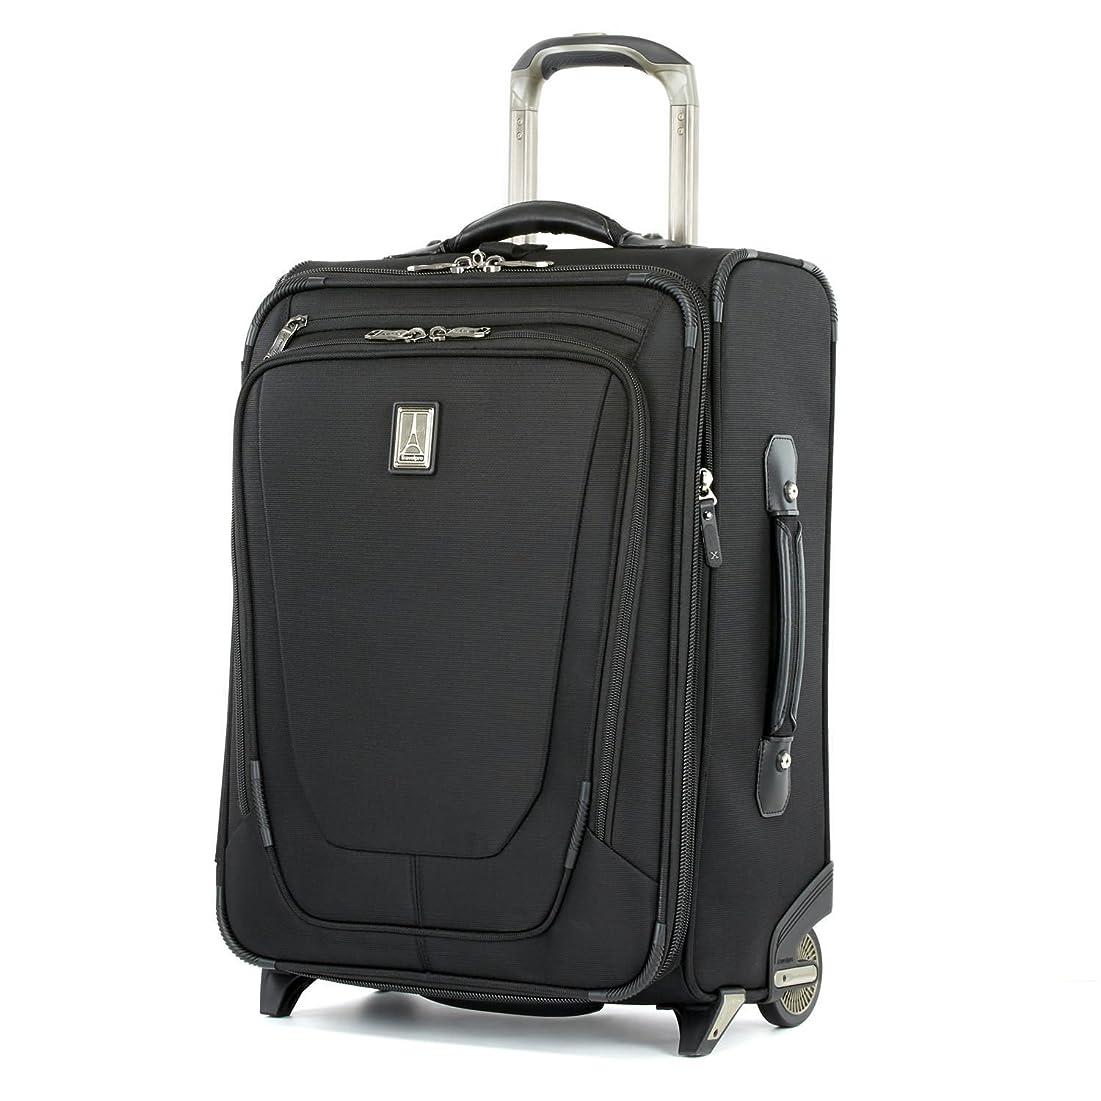 一節飛び込むクラウン大容量40L超【世界のデキるビジネスマンが選ぶ機内持ち込みスーツケース】Travelpro トラベルプロ Crew 11 20